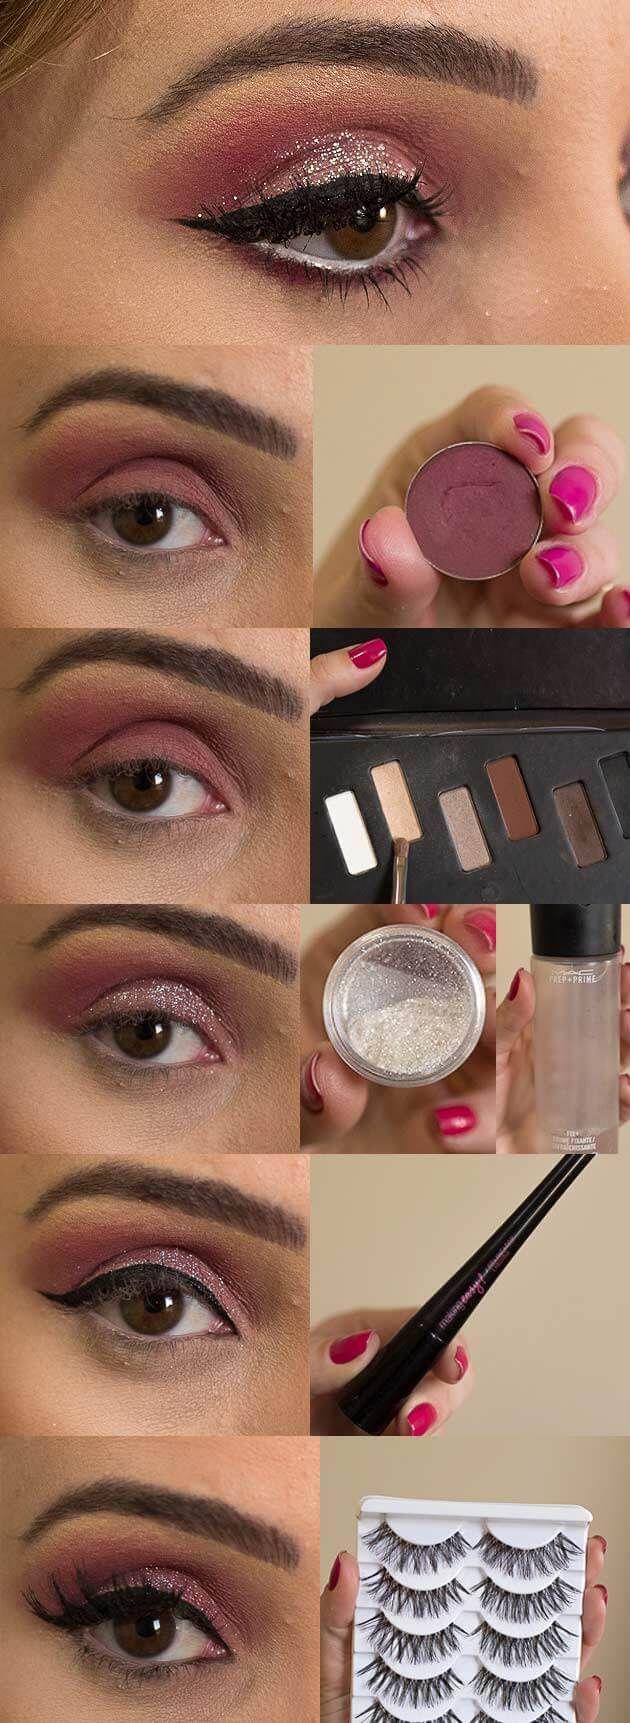 Maquiagem Marsala com Brilho - tutorial completo de maquiagem com passo a passo, uma maquiagem chique com brilho para festas, confira e aprenda a fazer.